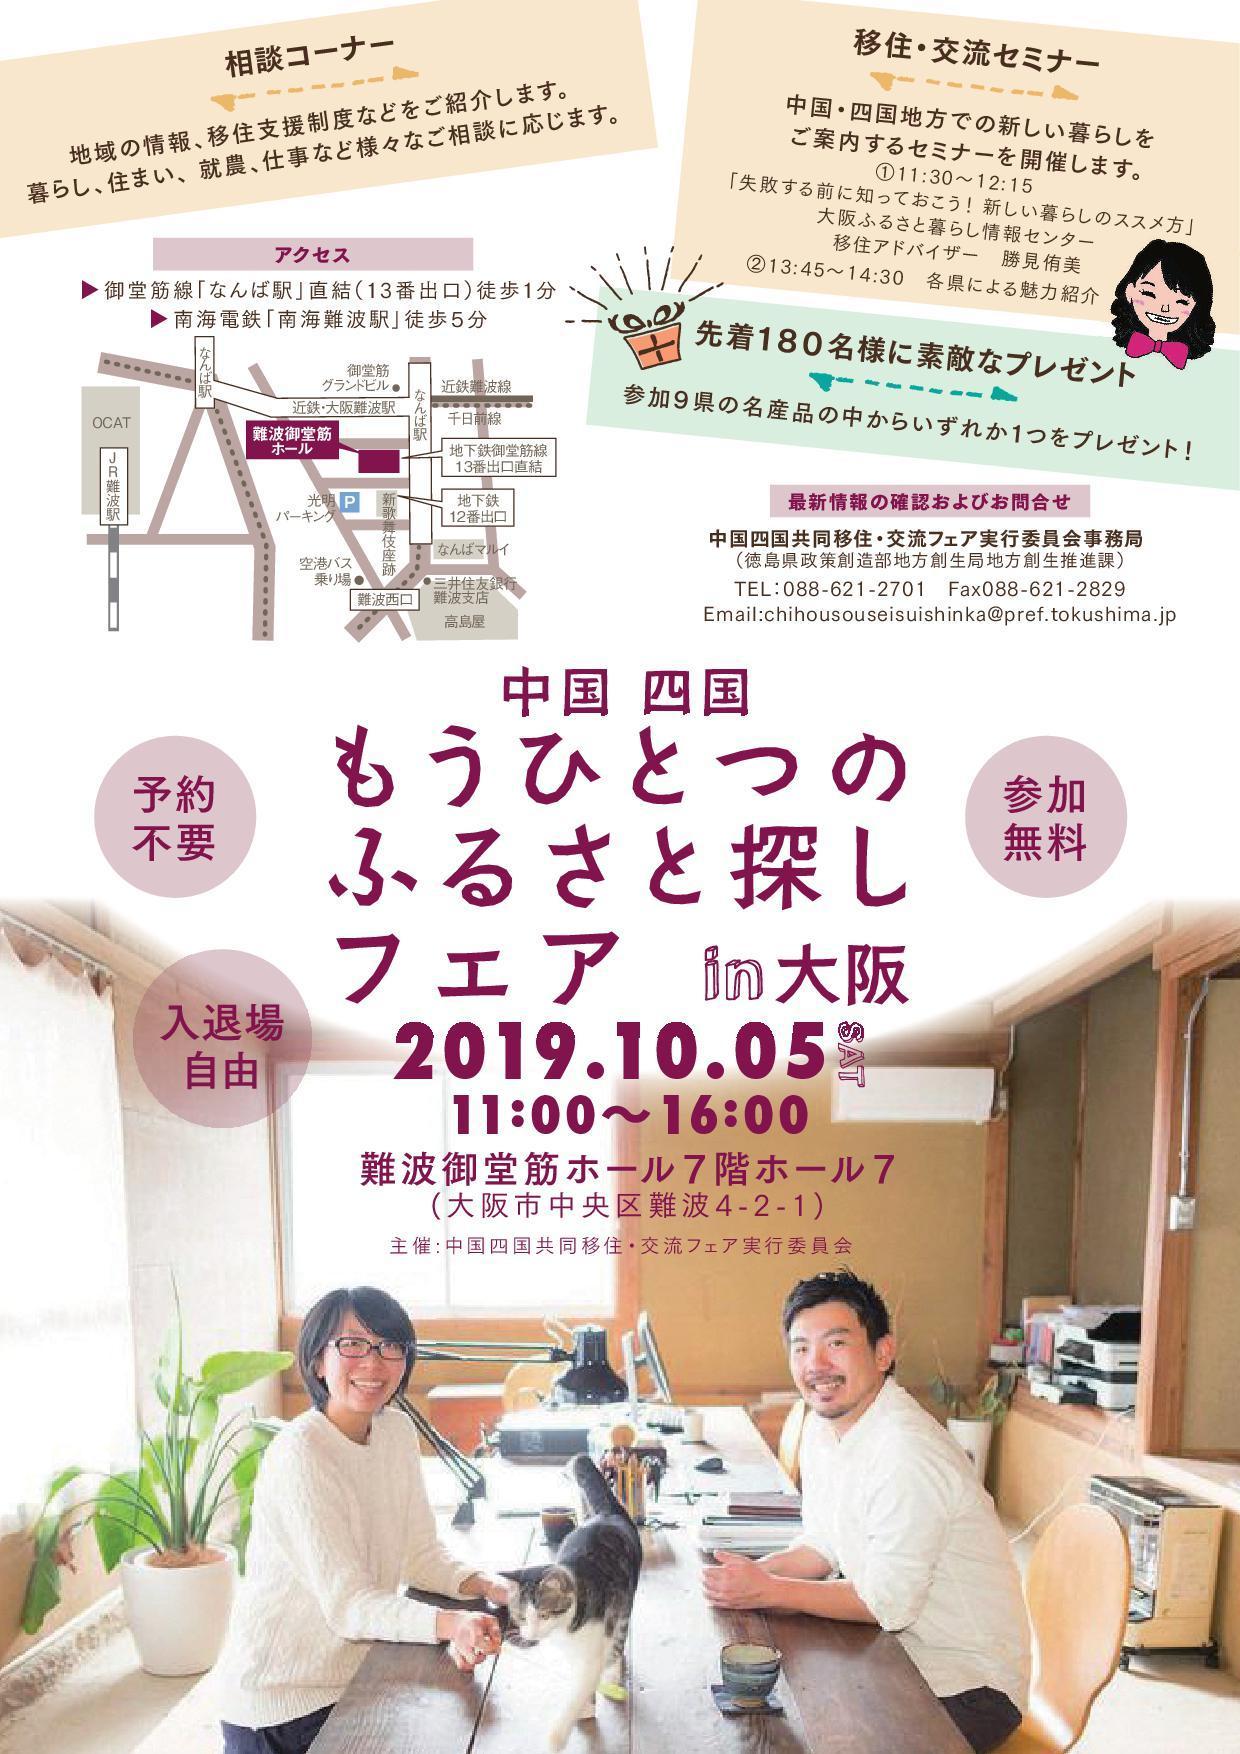 2019年10月5日(土)開催 中国 四国もうひとつのふるさと探しフェアin大阪に津山広域事務組合も参加します